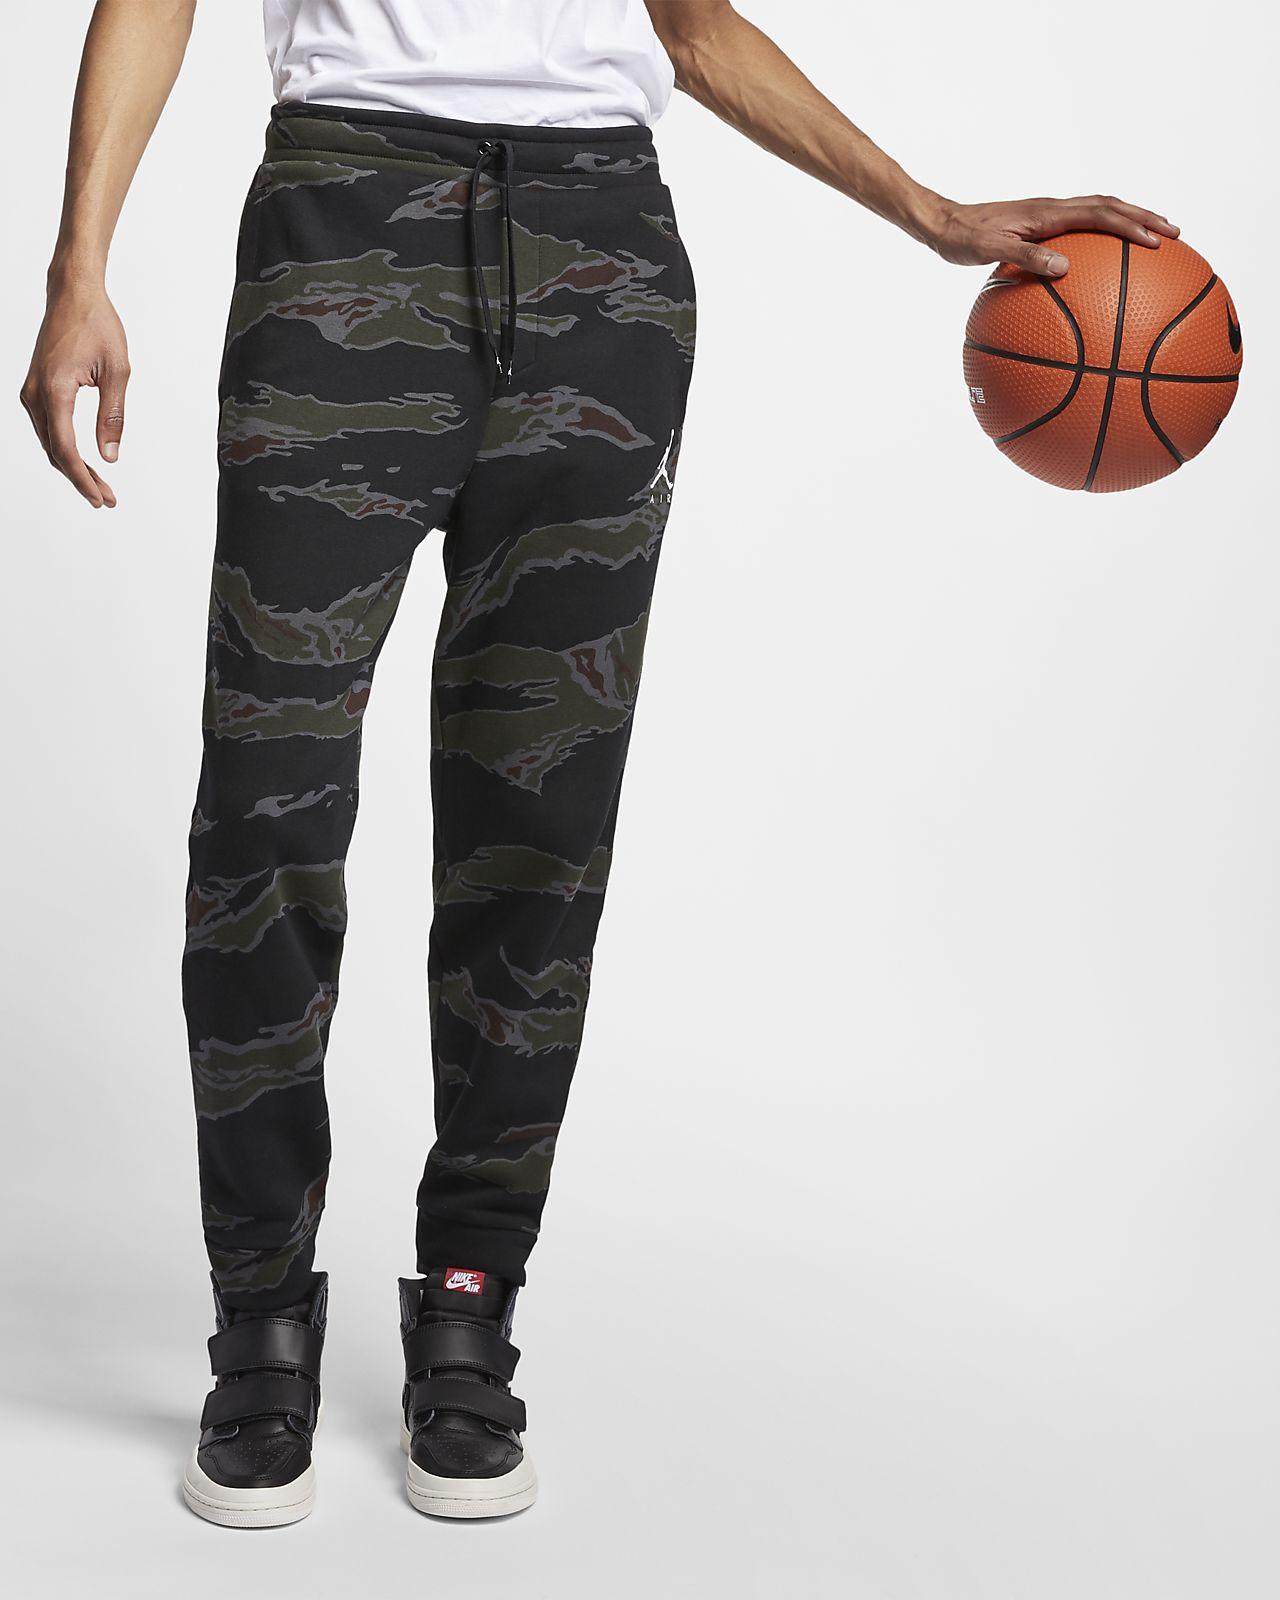 54d6ba9bda28 Мужские флисовые брюки с камуфляжным принтом Jordan Jumpman. Nike.com RU